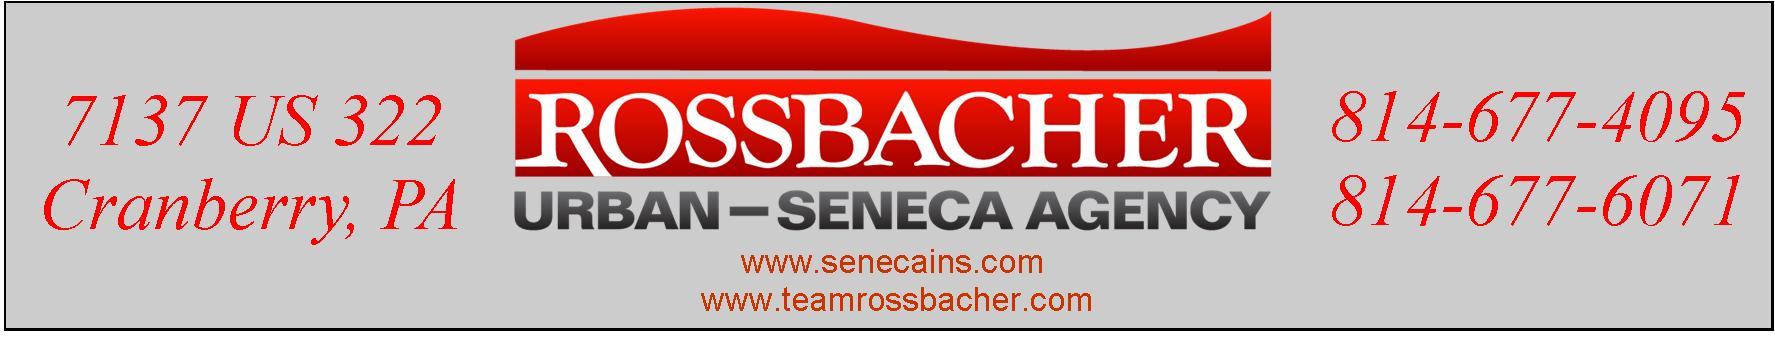 Rossbacher